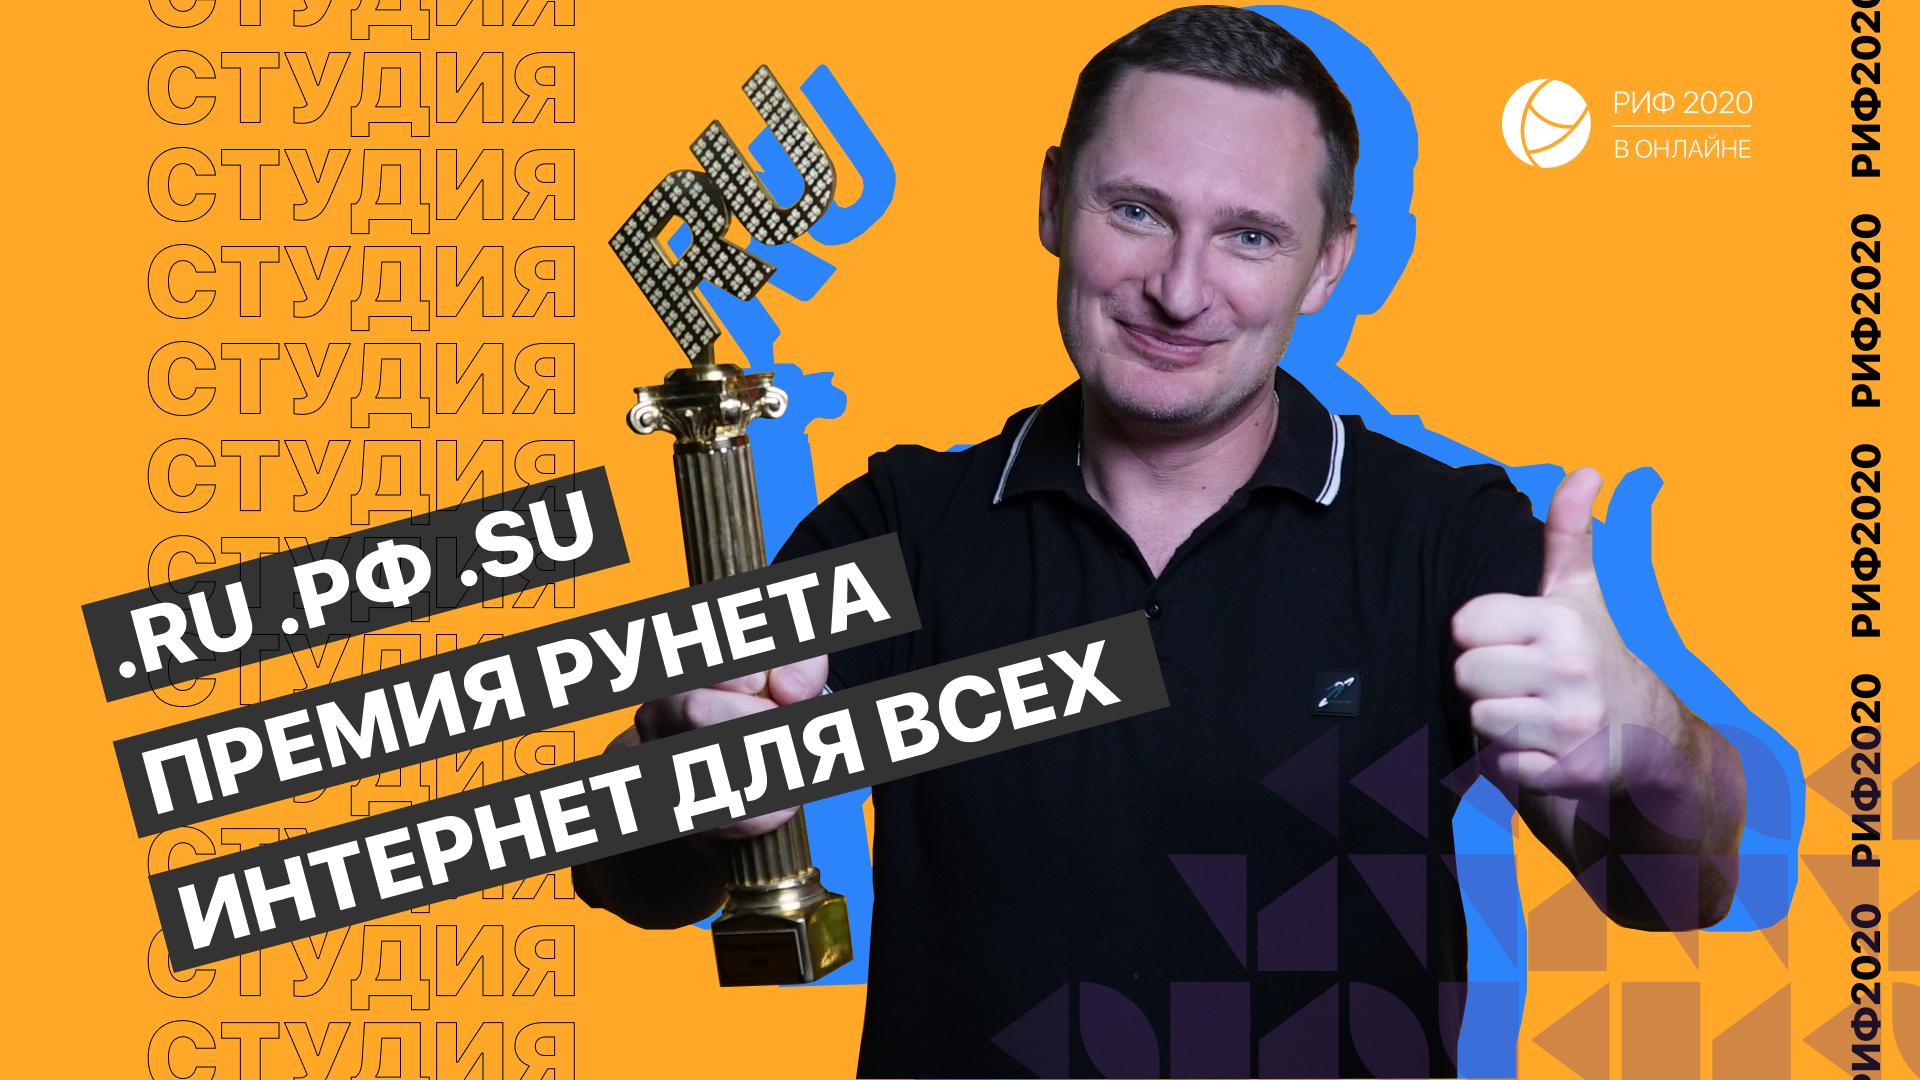 РИФ.Онлайн: Андрей Воробьёв из КЦ доменов .RU/.РФ о прошлом и будущем российской доменной индустрии